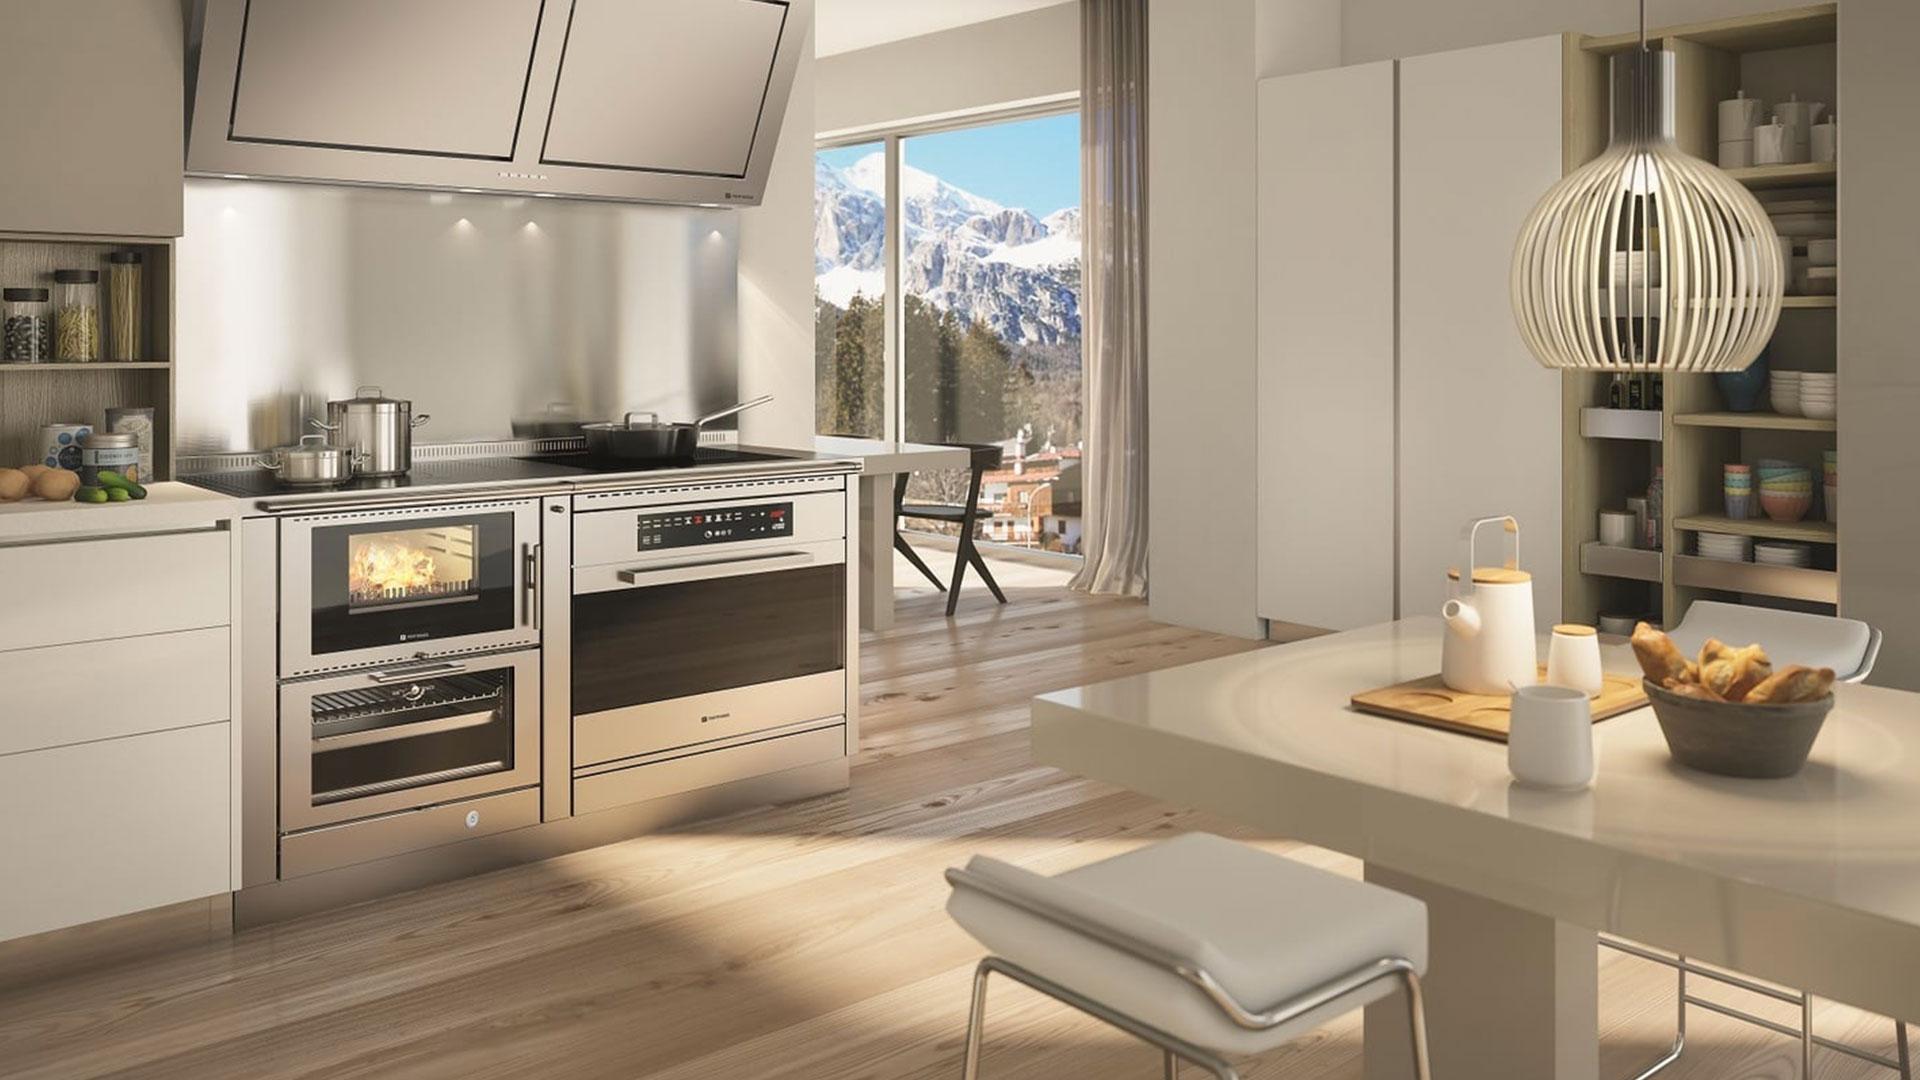 Calore di casa – Stufe, Caminetti, Termo Cucine e Canne Fumarie Udine 1